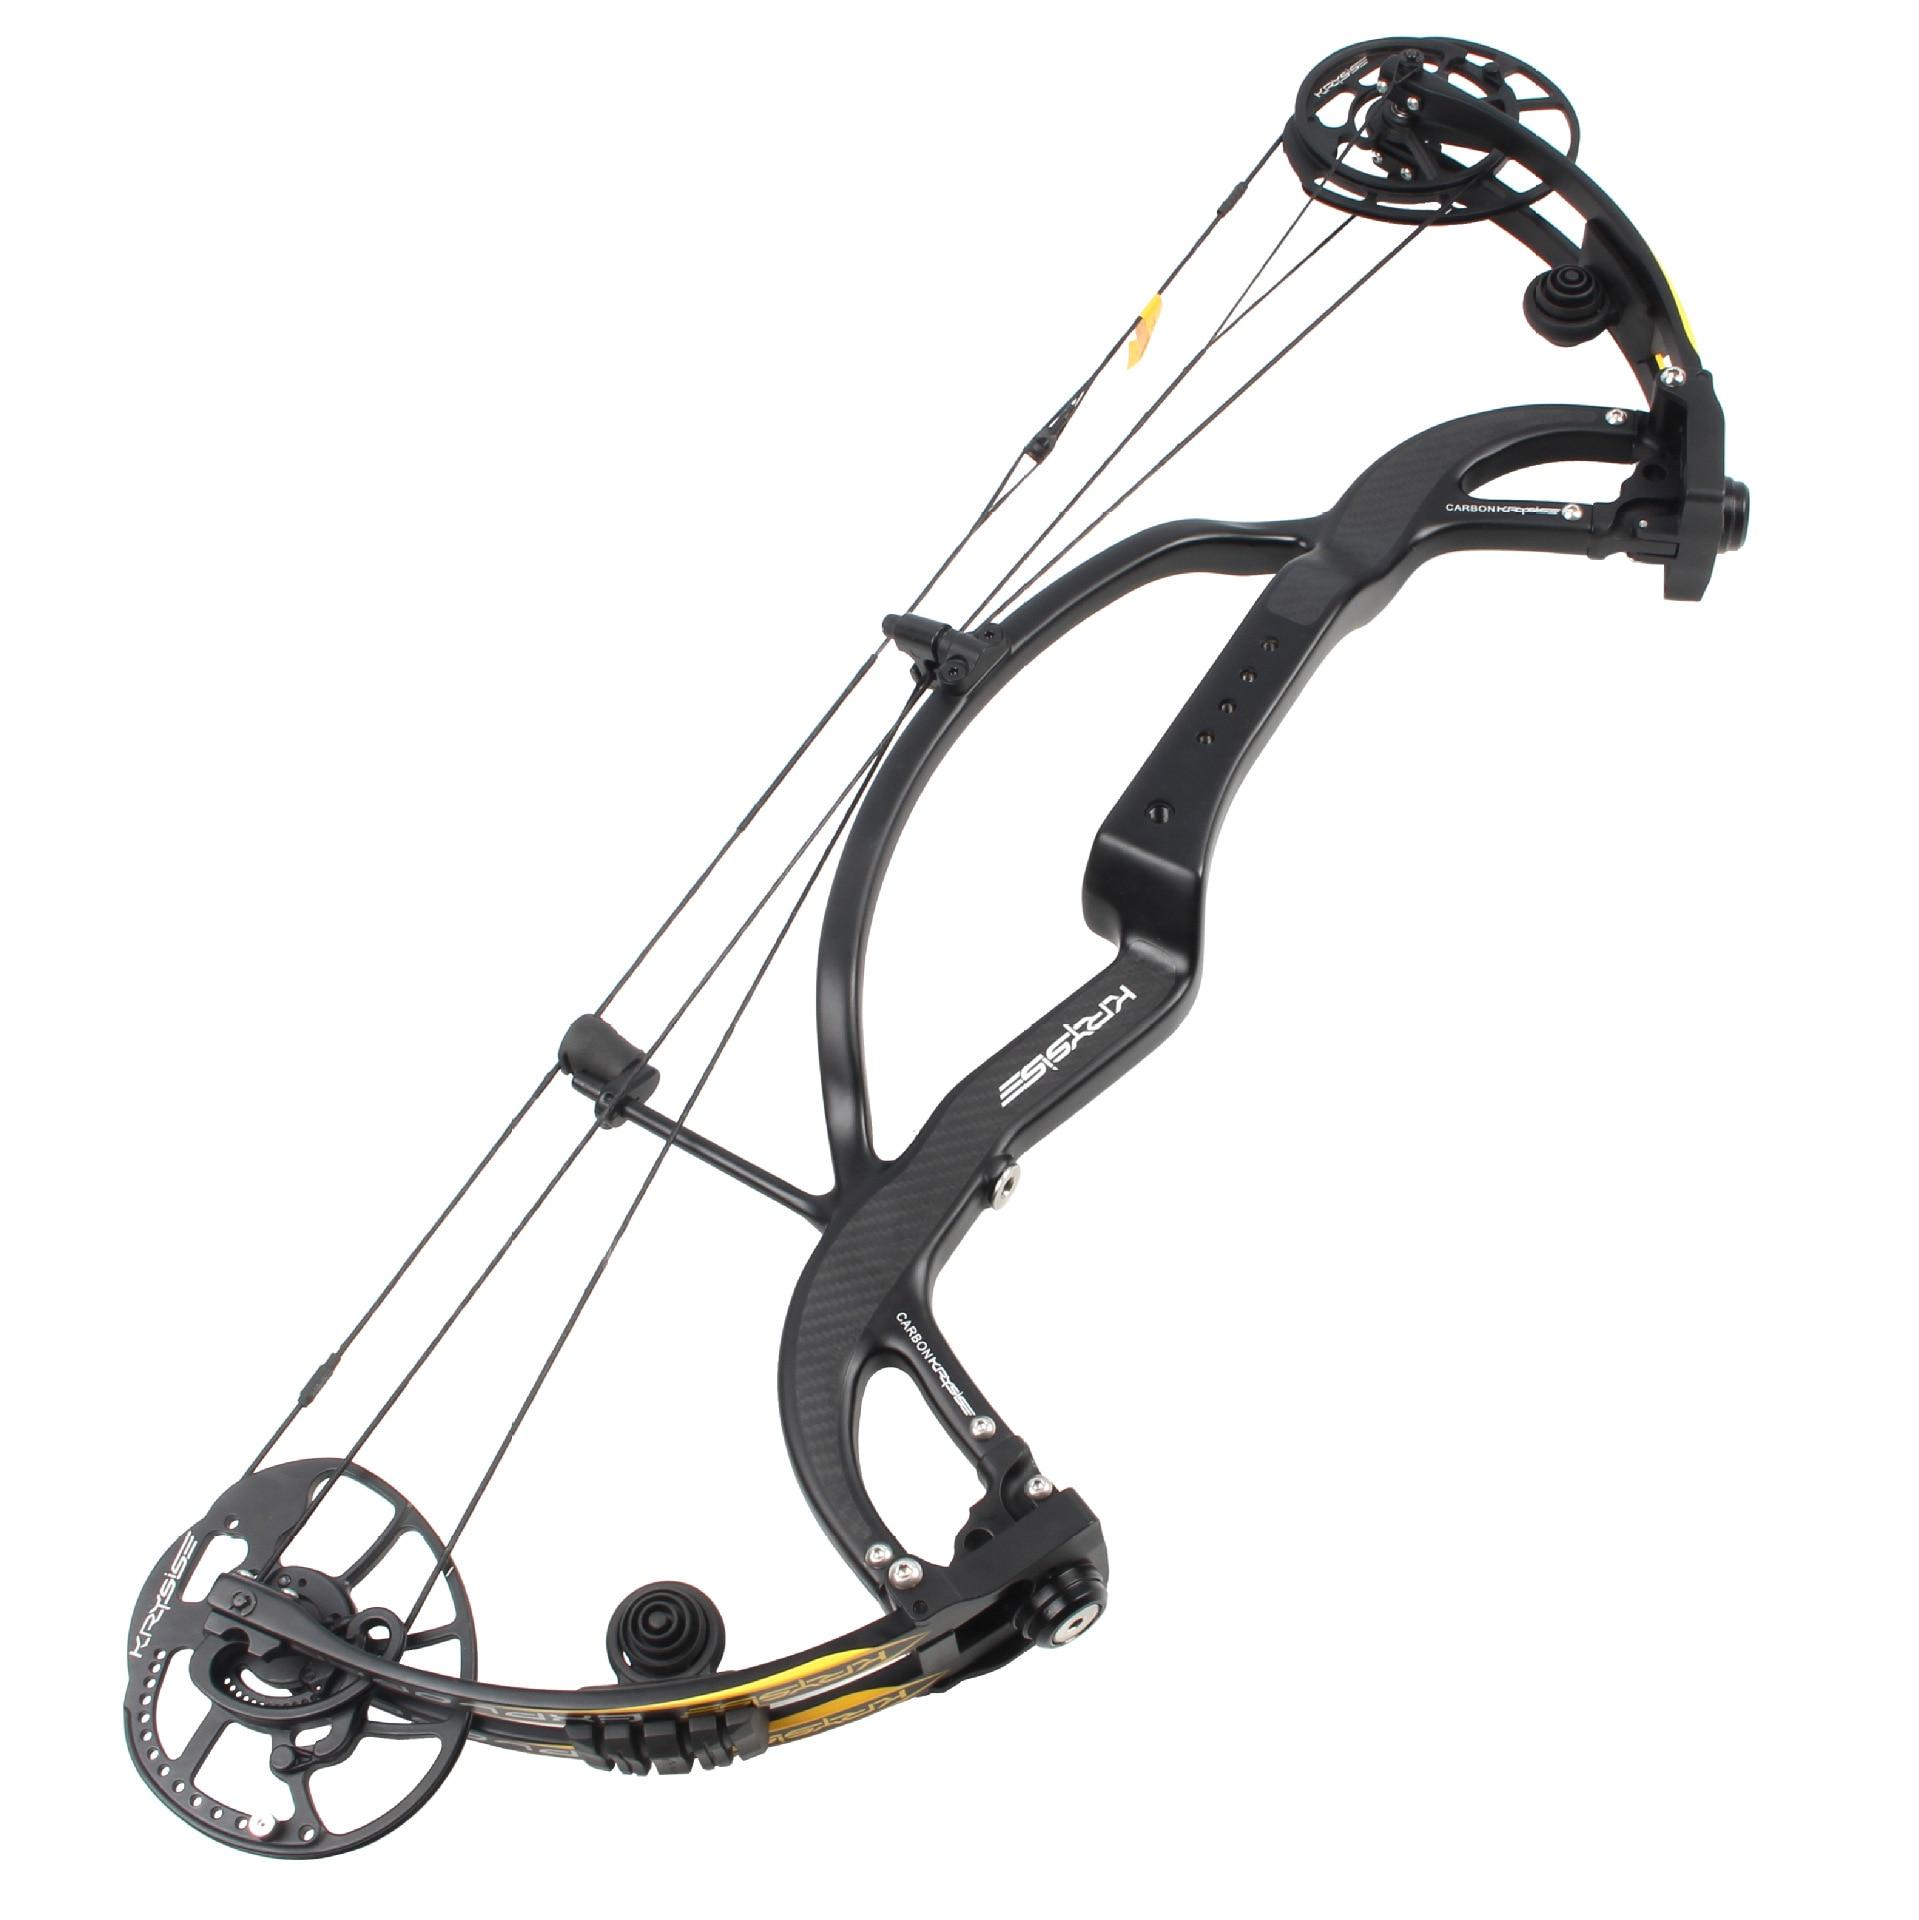 Linkboy tir à l'arc pur Fiber de carbone composé prédateur 2 génération 50-65lbs essieu à essieu 32 pouces pour la chasse au tir